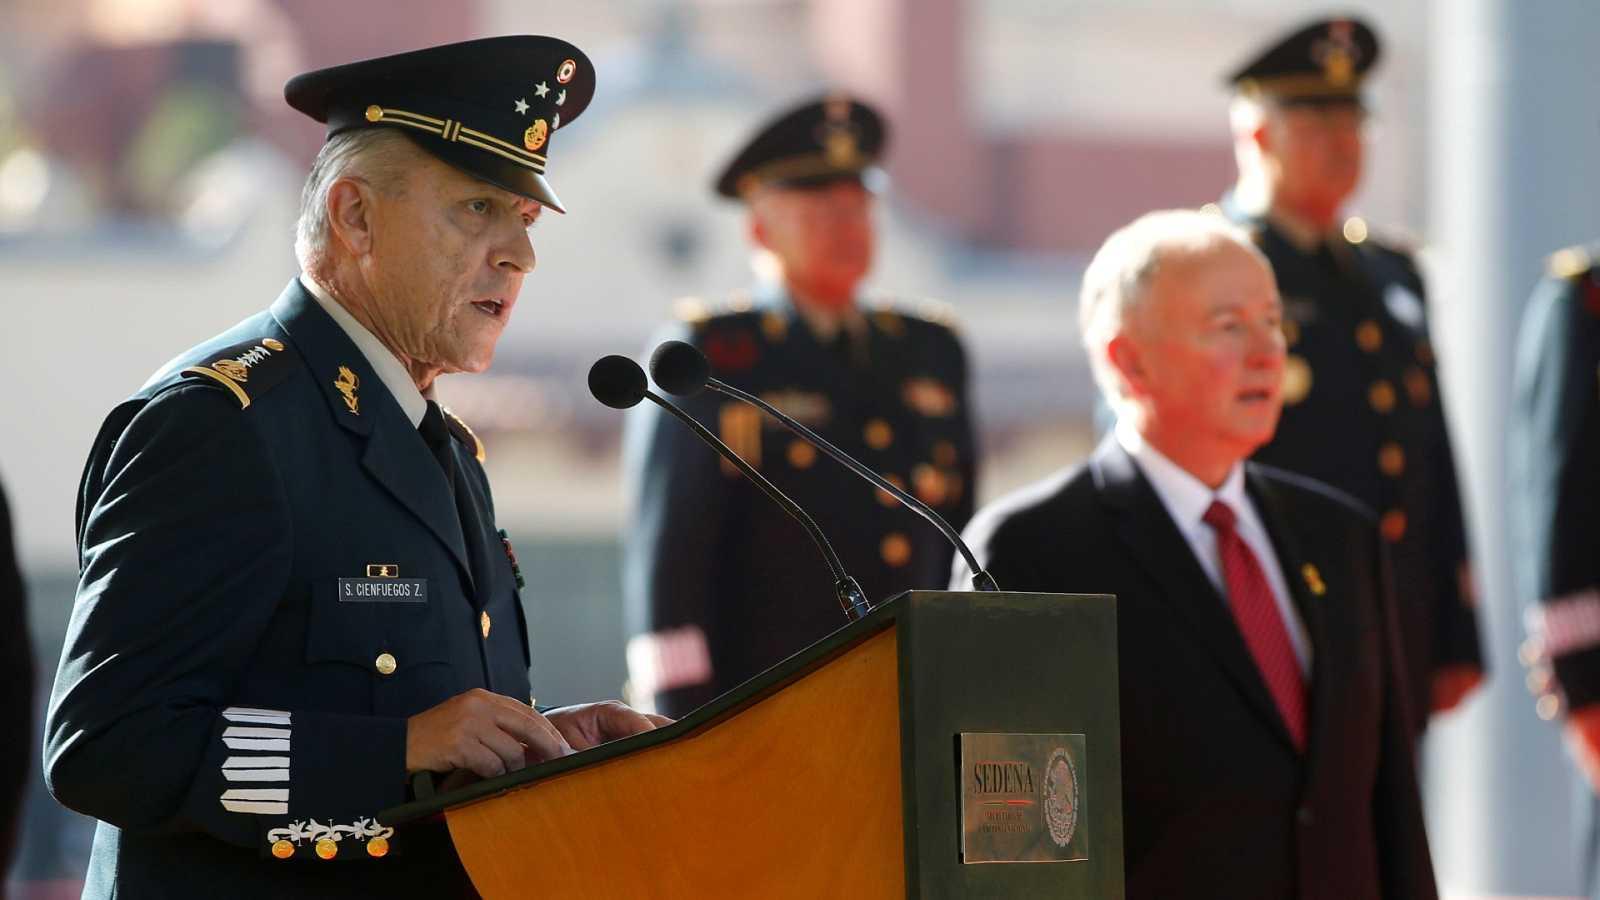 Detenido en EE.UU. el exjefe militar de Peña Nieto por narcotráfico